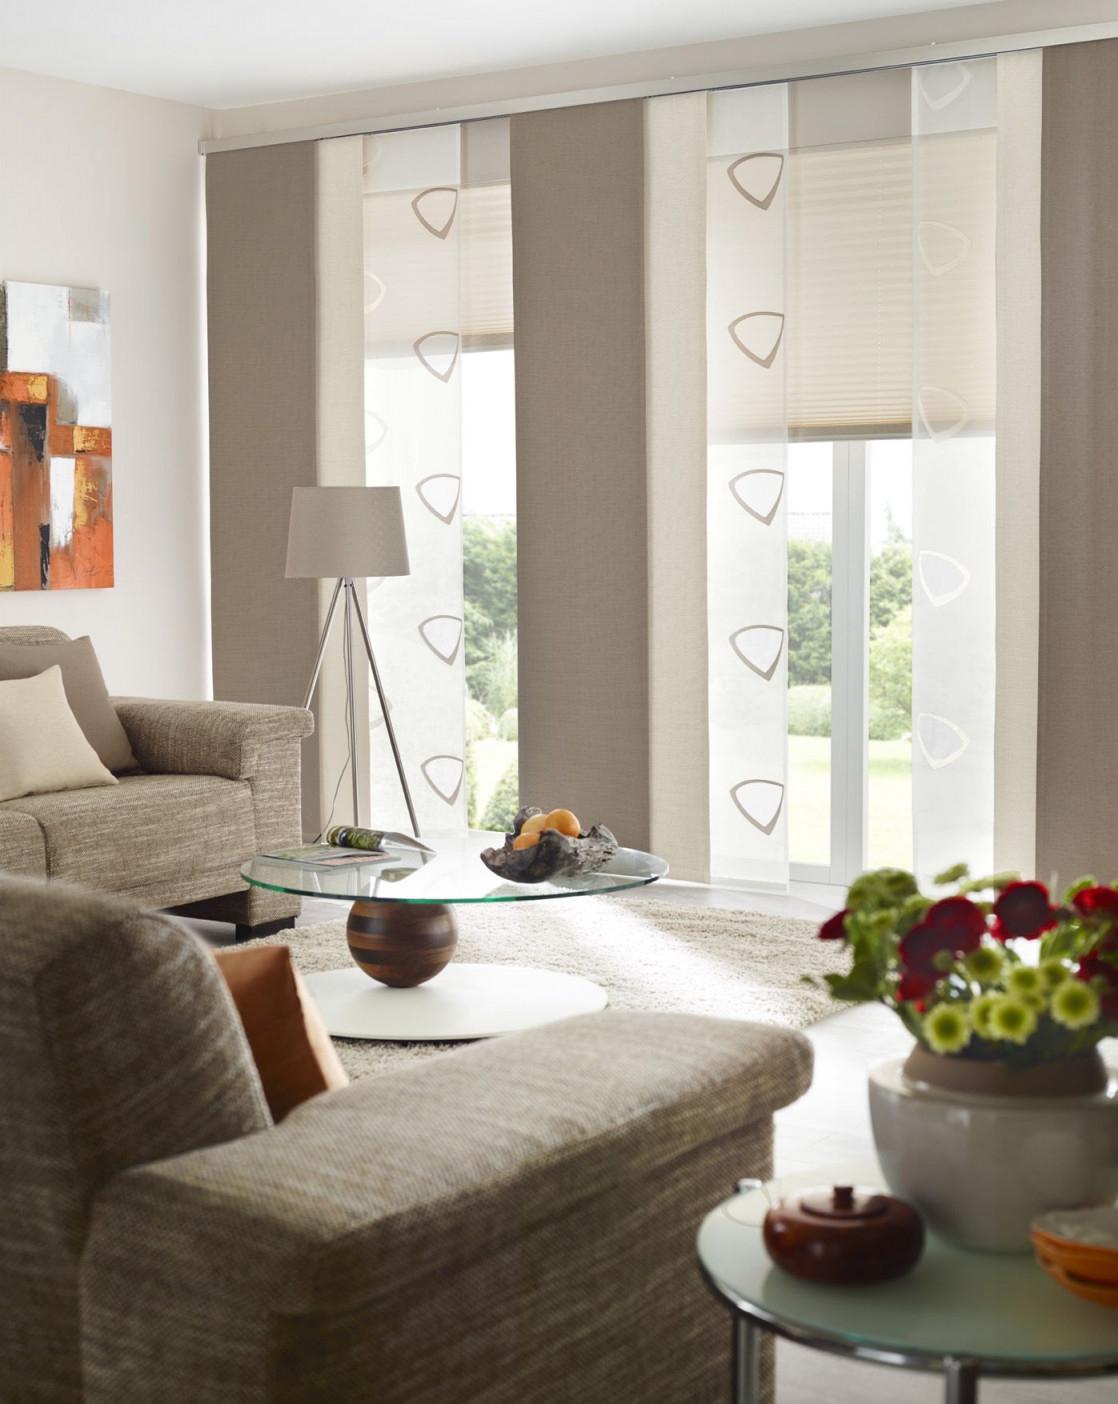 Fenster Urbansteel Gardinen Dekostoffe Vorhang von Gardinen Ideen Wohnzimmer Landhaus Bild